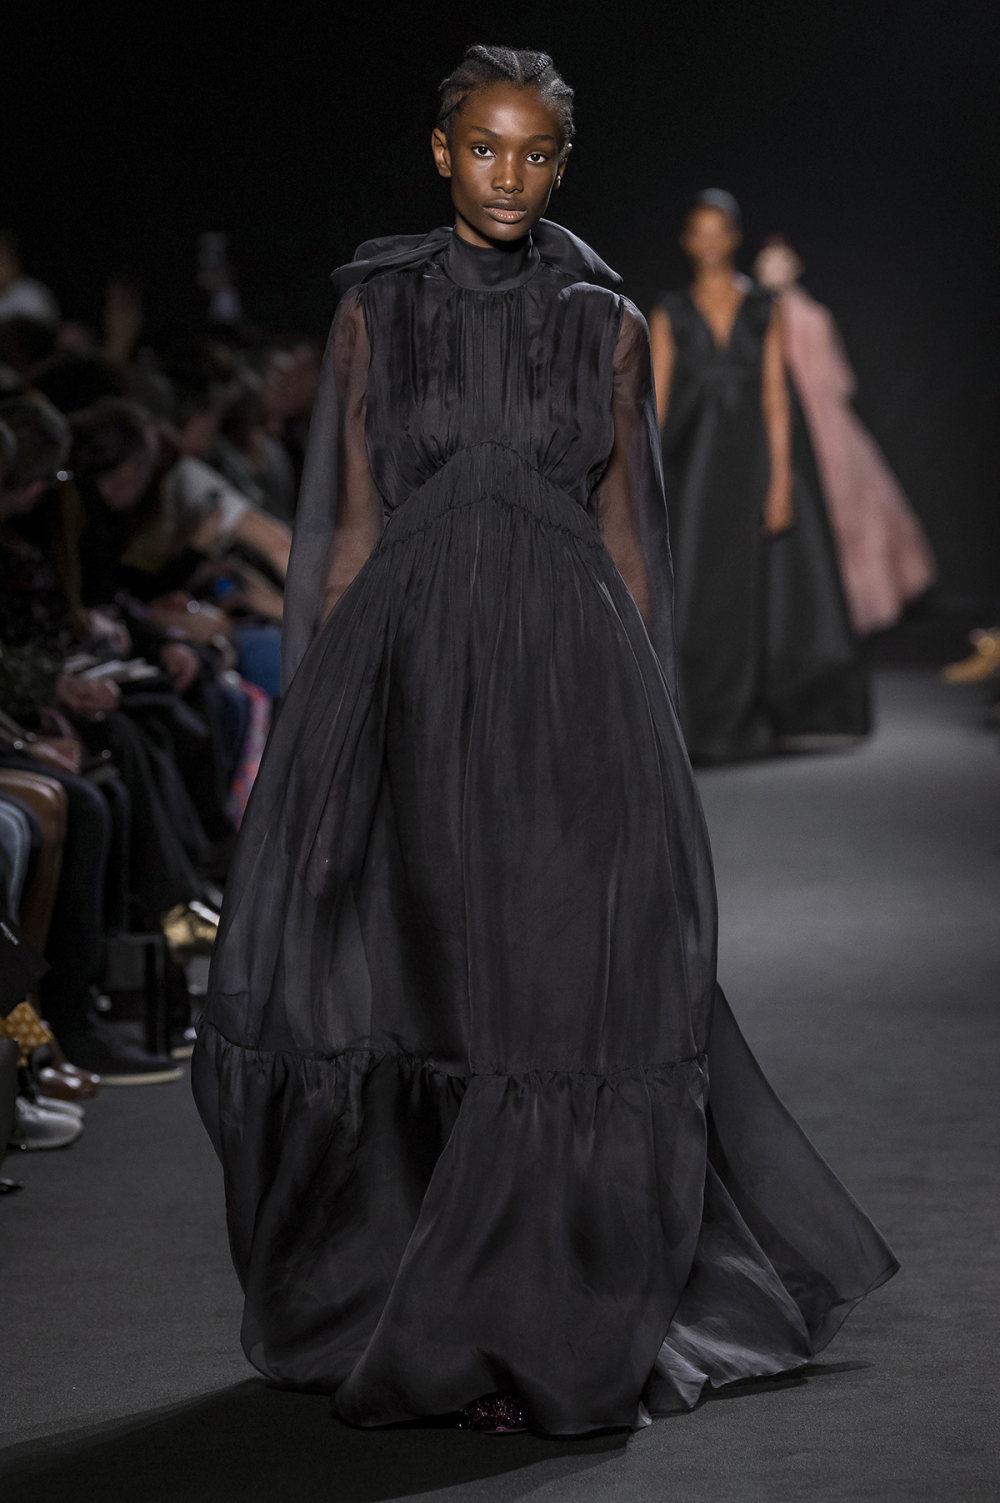 Rochas时装系列黑色无领斜纹软呢褶皱的黑色裙身饰有超细短袖衬衫-34.jpg